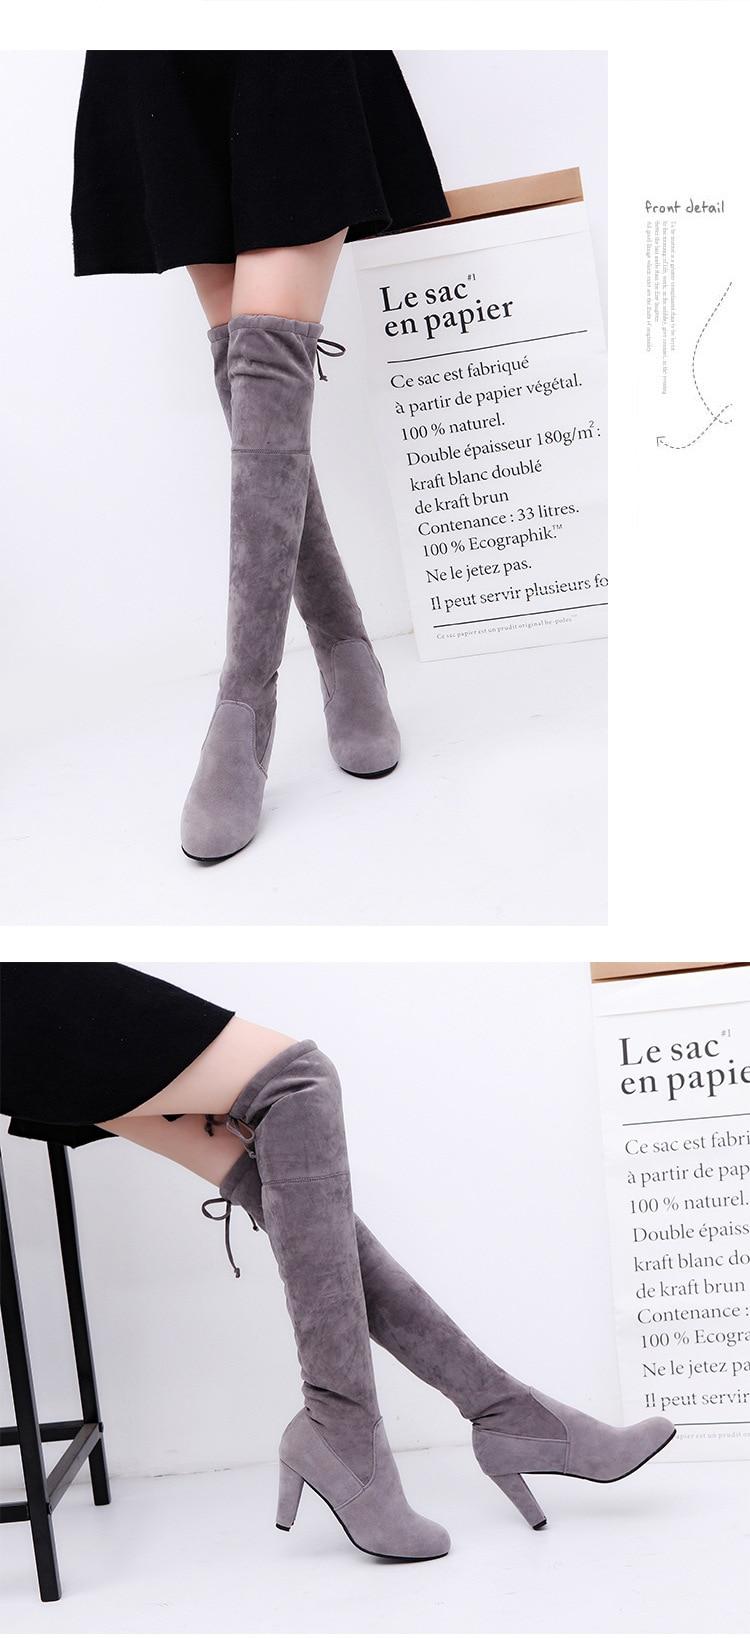 5e2da4ac9264 2019 Новый Облегающие сапоги из искусственной замши пикантные Сапоги выше  колена ...